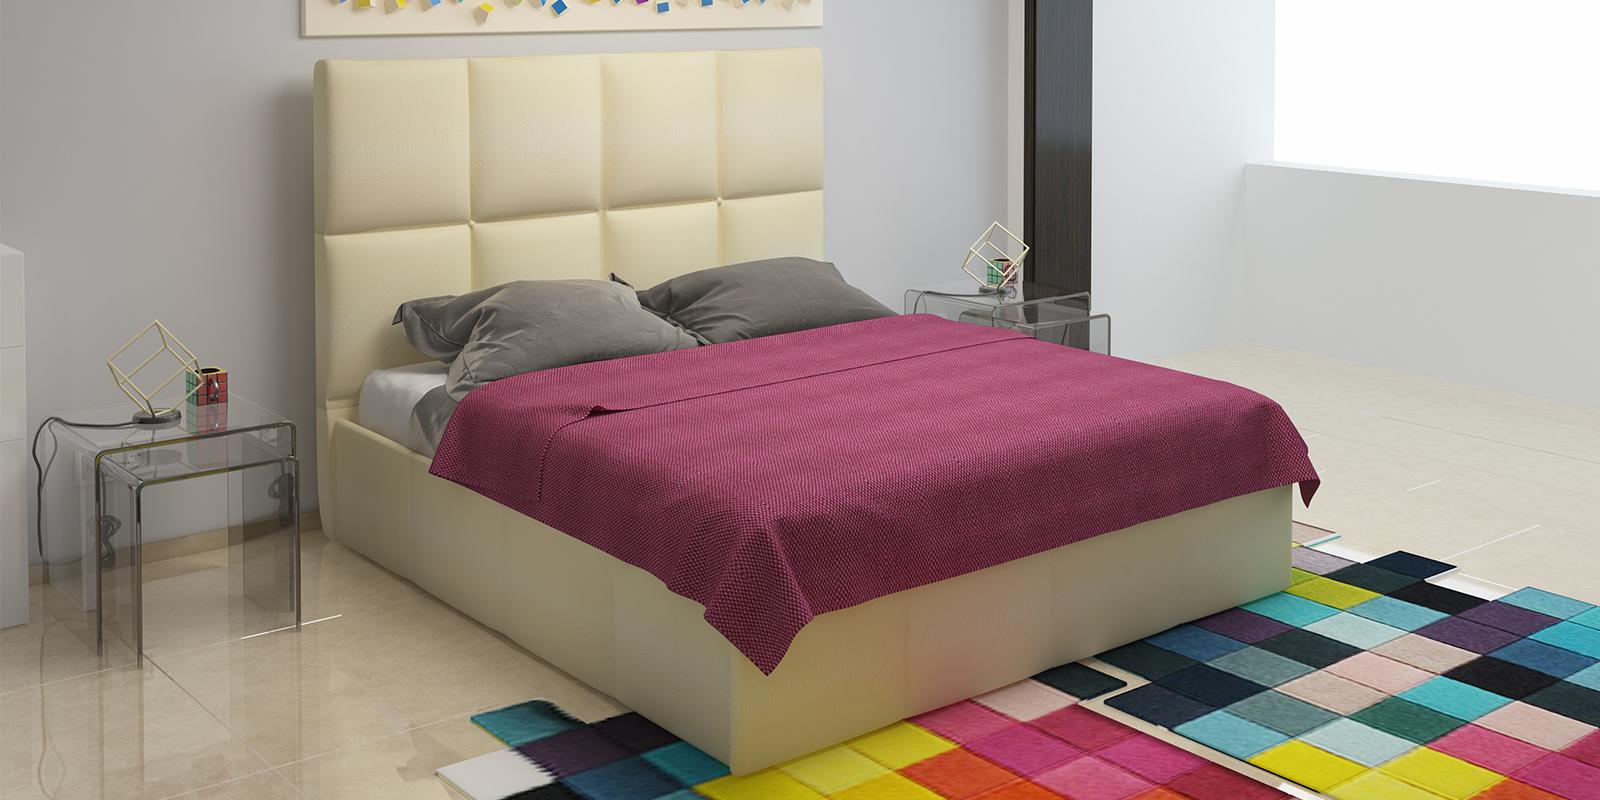 Мягкая кровать 200х160 Сицилия с подъемным механизмом (Перламутр) Сицилия